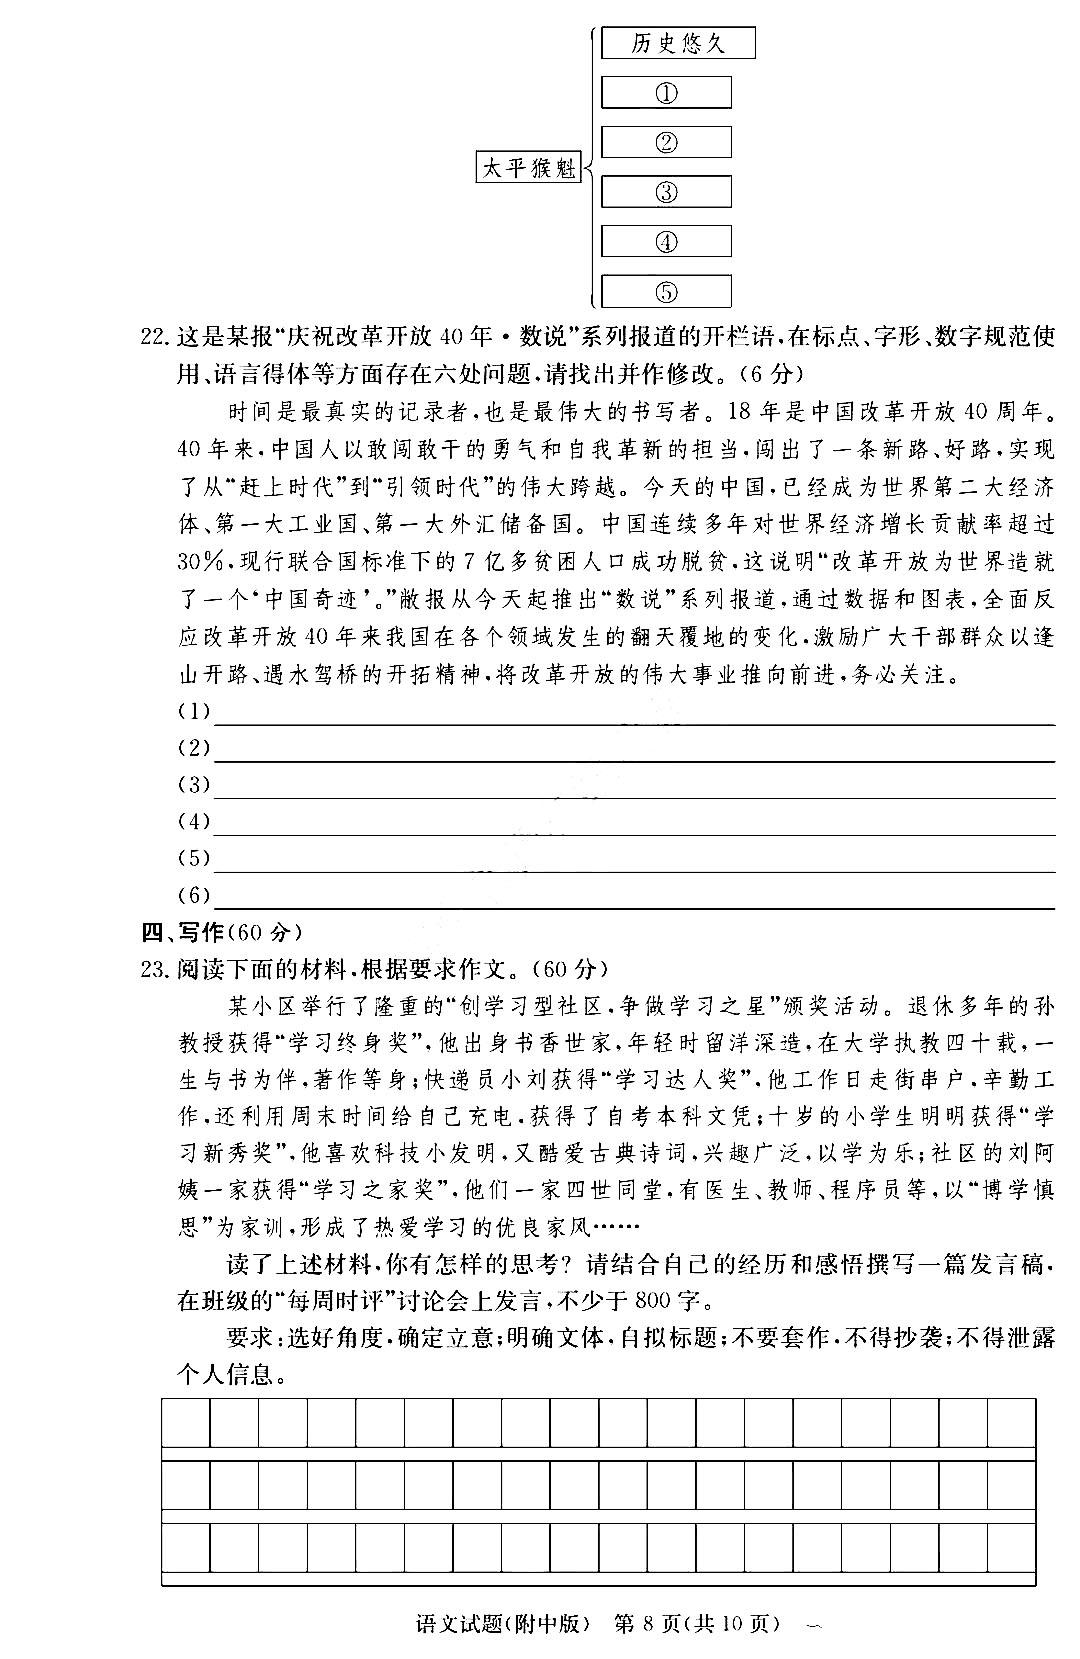 湖南师范大学附属中学2021届高三月考(六)语文作文题目